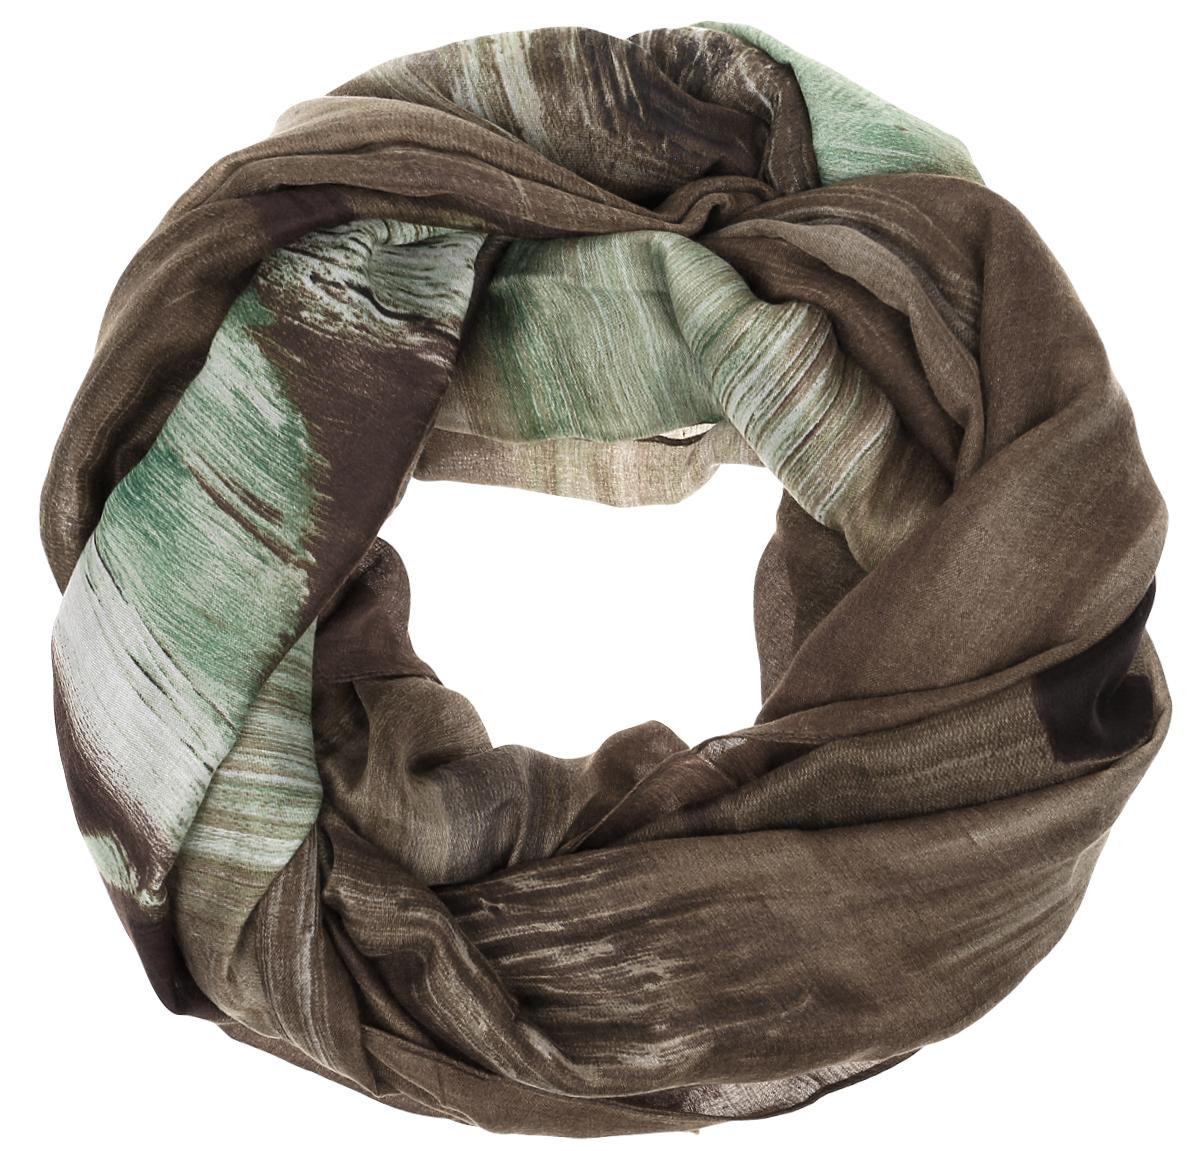 Палантин Sophie Ramage, цвет: коричневый, зеленый. YY-21619-17. Размер 120 см х 180 смYY-21619-17Элегантный палантин Sophie Ramage станет достойным завершением вашего образа. Палантин изготовлен из высококачественного модала с добавлением шерсти и полиэстера. Оформлена модель стильным принтом. Палантин красиво драпируется, он превосходно дополнит любой наряд и подчеркнет ваш изысканный вкус. Легкий и изящный палантин привнесет в ваш образ утонченность и шарм.